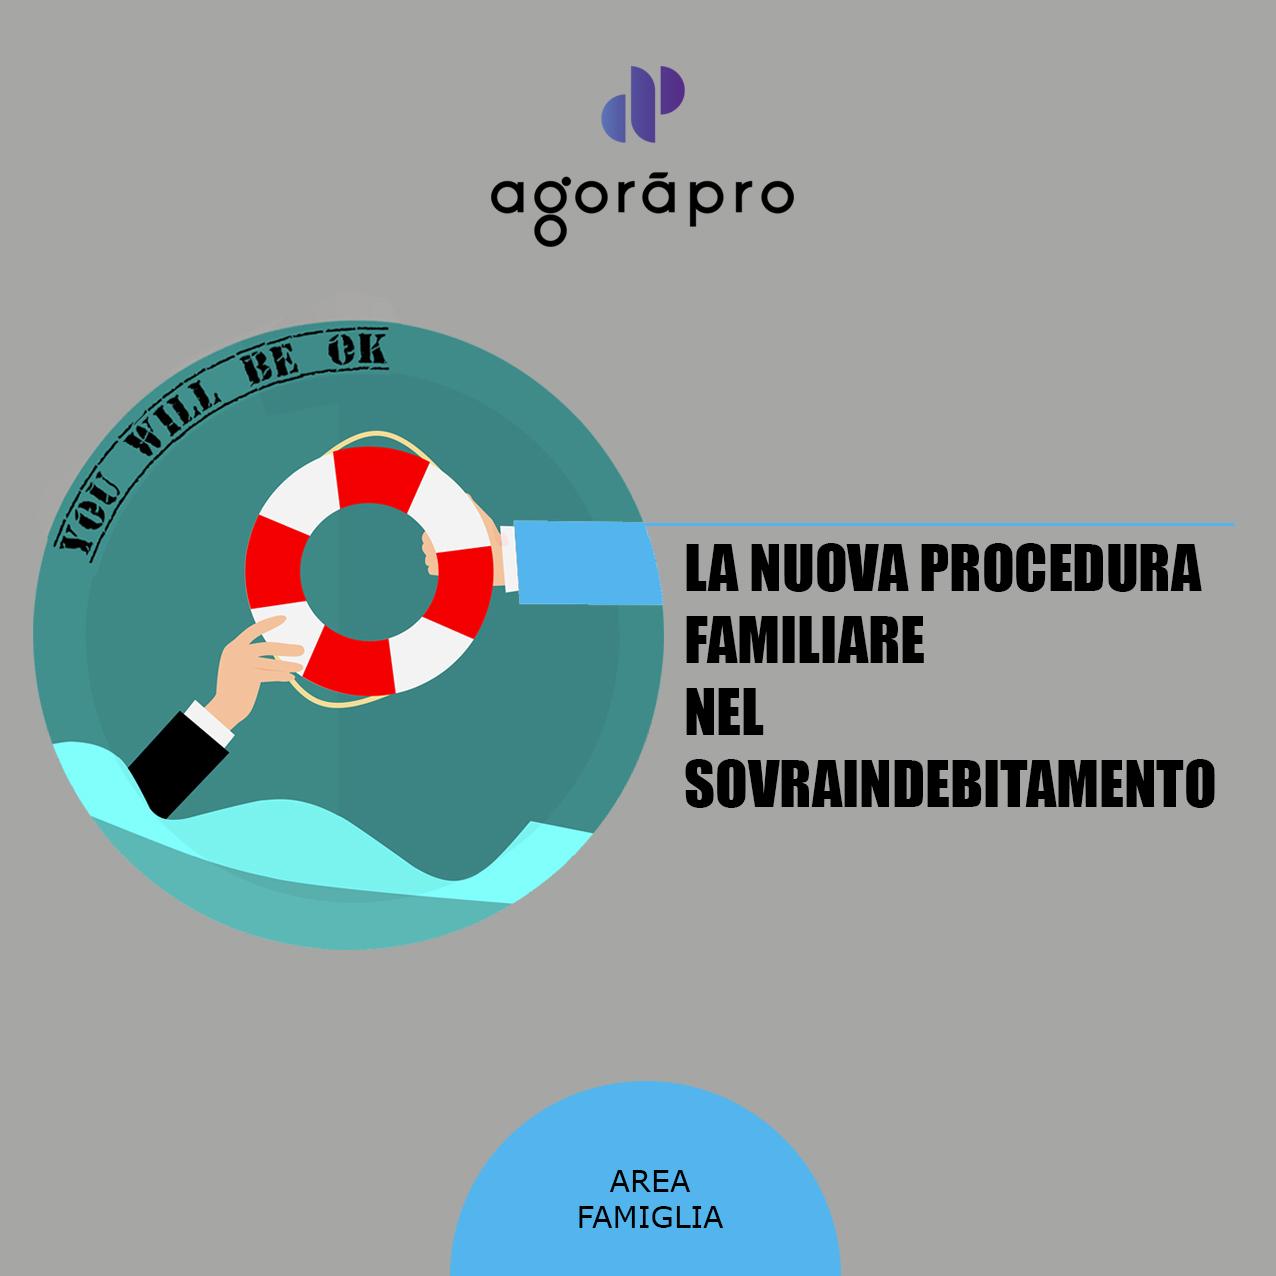 Agoràpro - Sovraindebitamento familiare, la nuova procedura - Articolo dell'avvocato Anna Pericoli